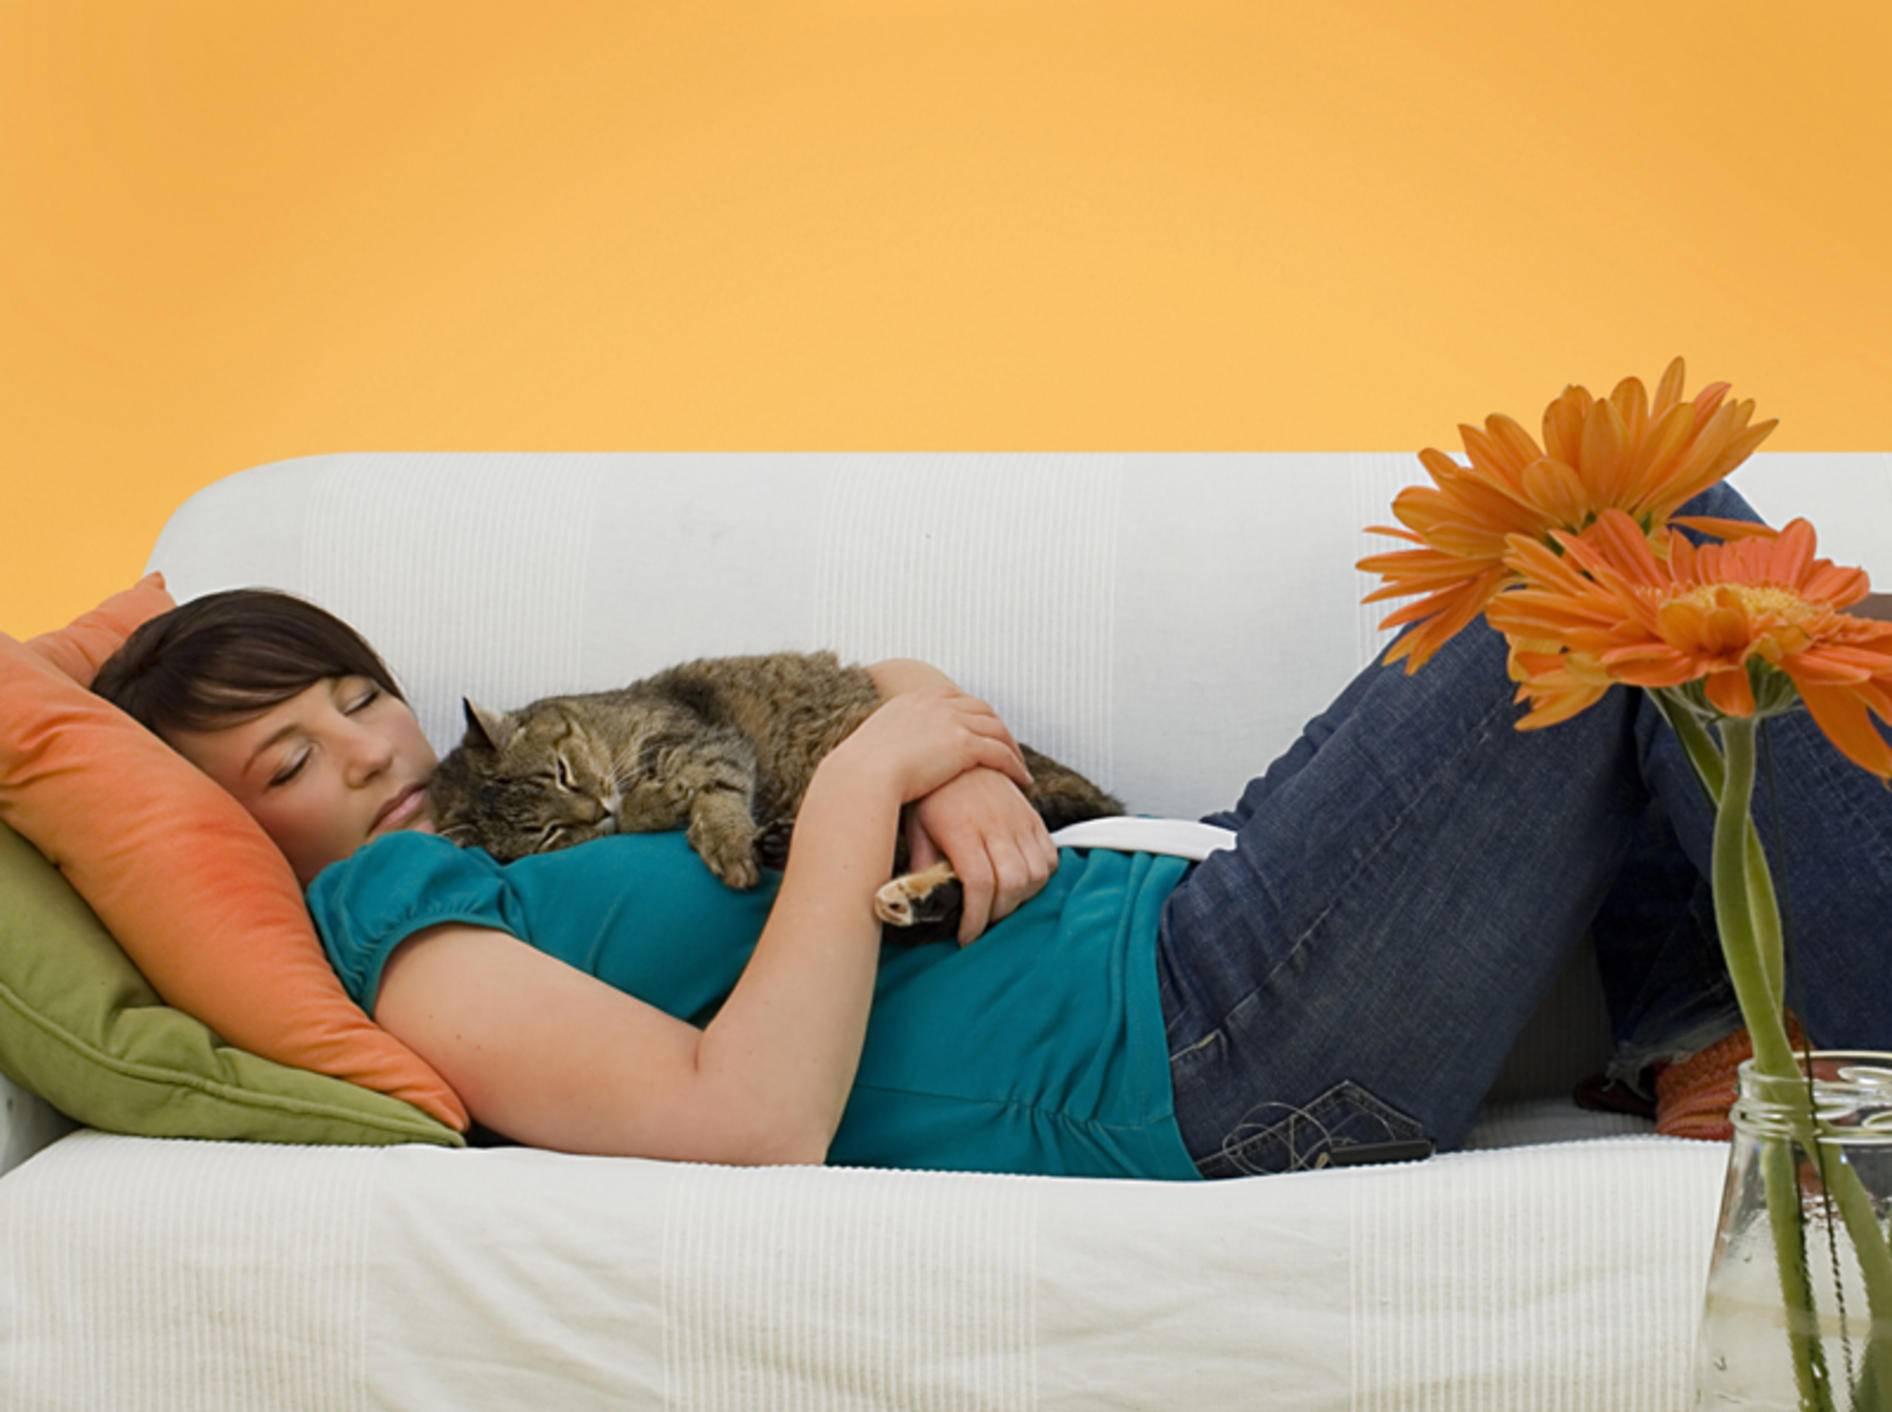 Glück ist: Eine Couch, eine Katze, ein gemeinsames Nickerchen – Shutterstock / Patrizia Tilly